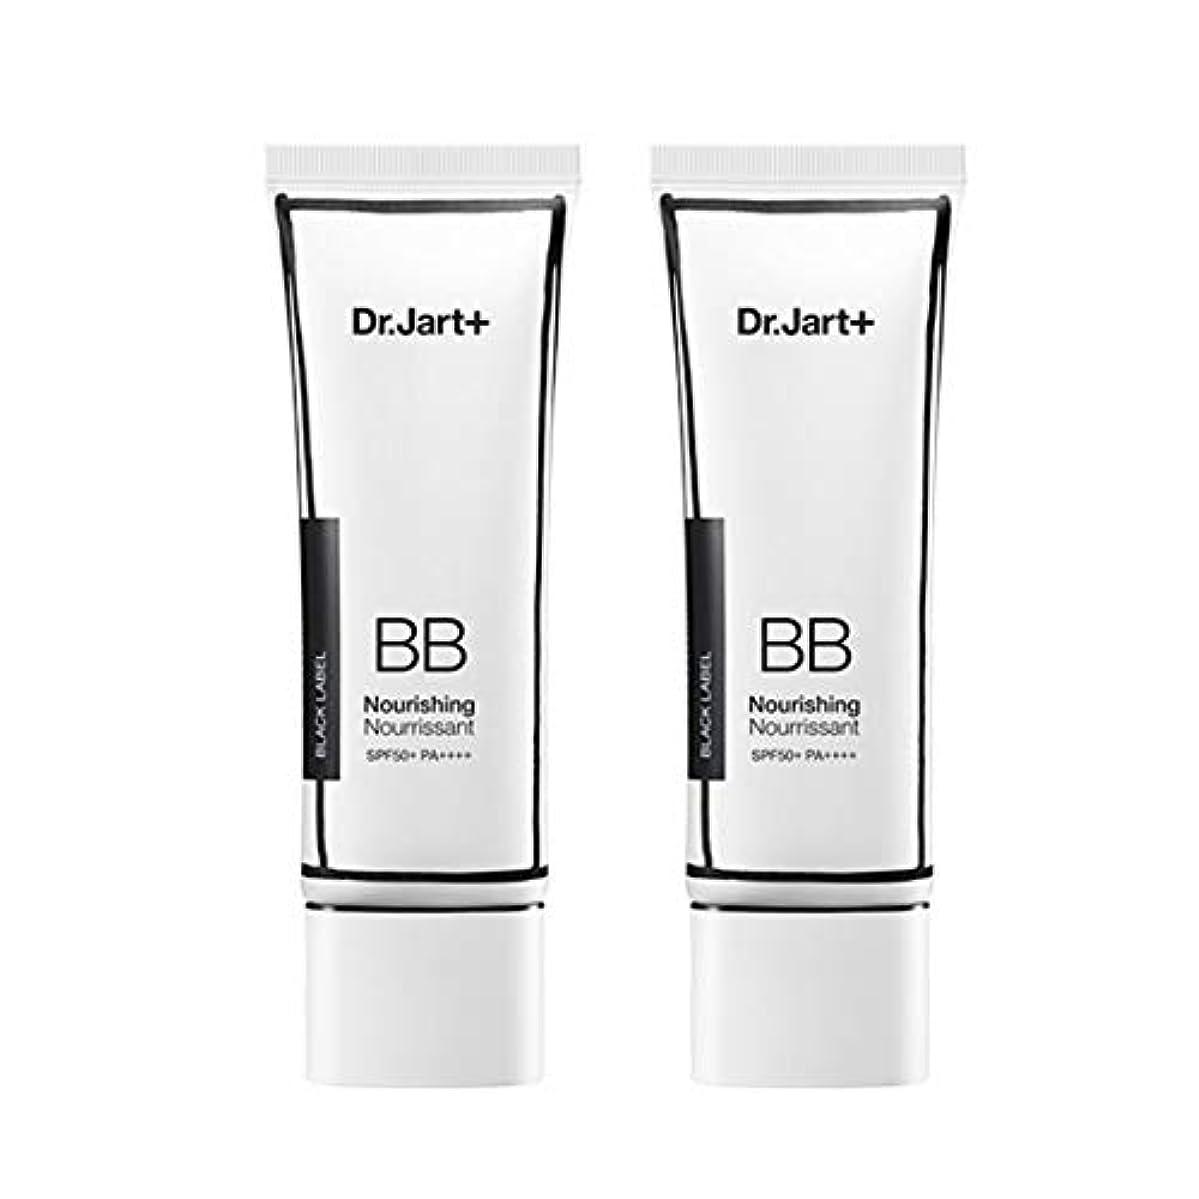 飾り羽多様性甘くするドクタージャルトゥザメイクアップノリシンビューティーbalm 50ml x 2本セットBBクリーム、Dr.Jart Dermakeup Nourishing Beauty Balm 50ml x 2ea Set BB Cream...